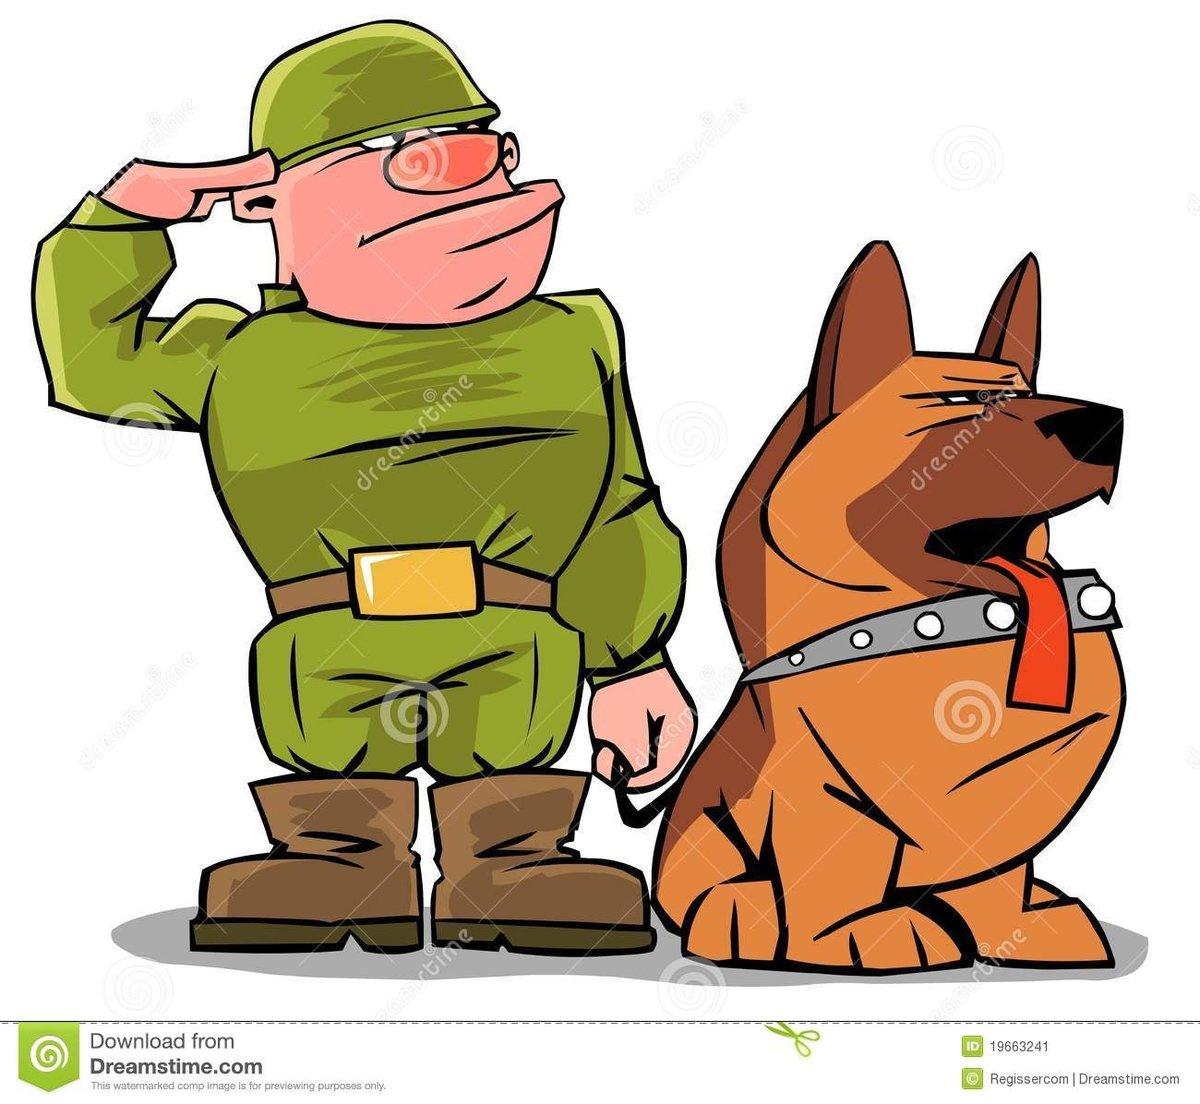 Смешные картинки пограничника с собакой